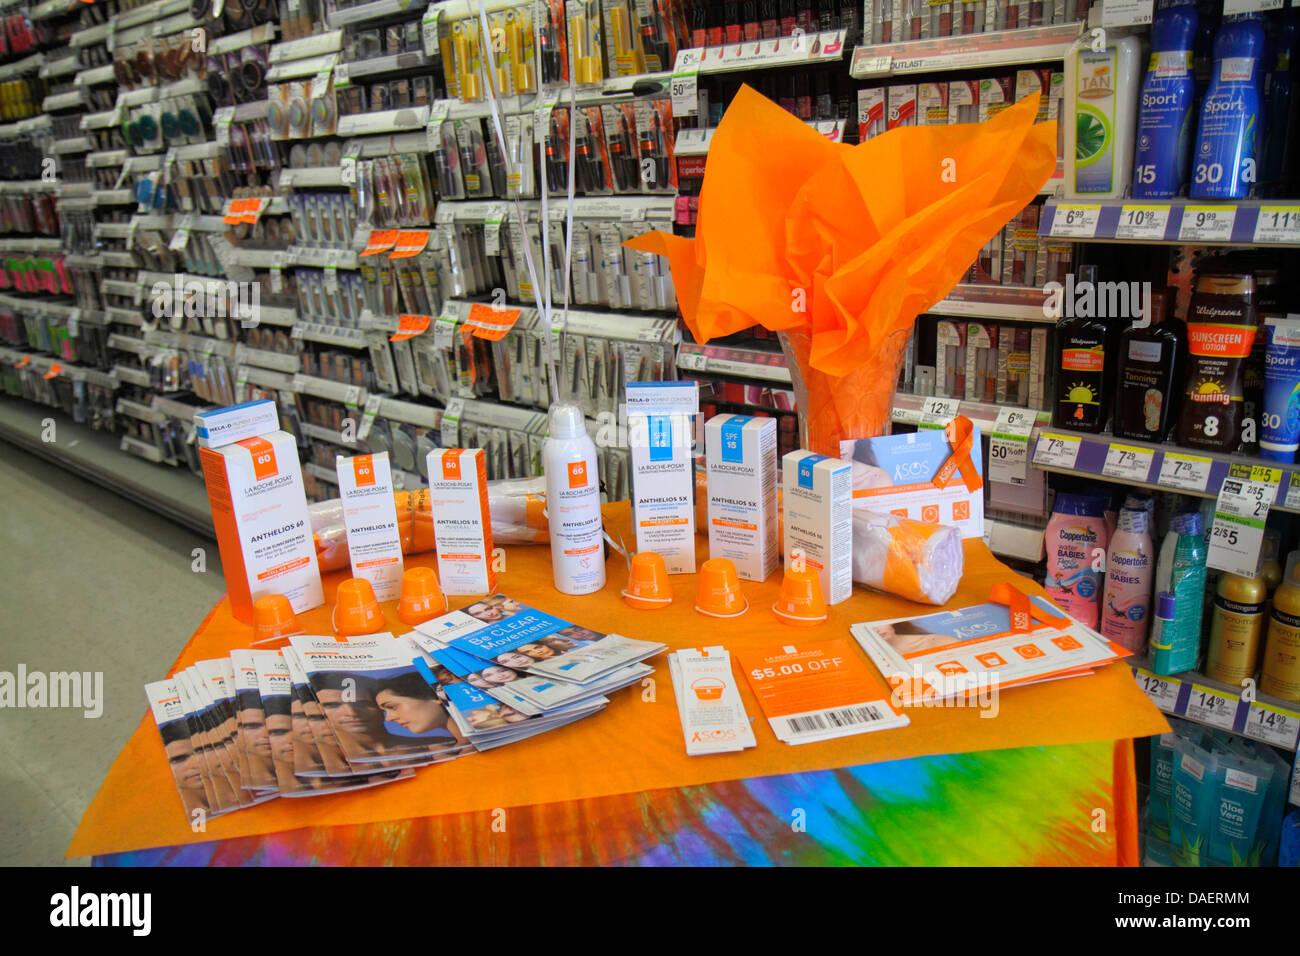 Miami Beach Florida Walgreens Apotheke Drogerie einkaufen Einzelhandel Display für Verkauf Förderung Anthelios Sonnenmilch Stockfoto